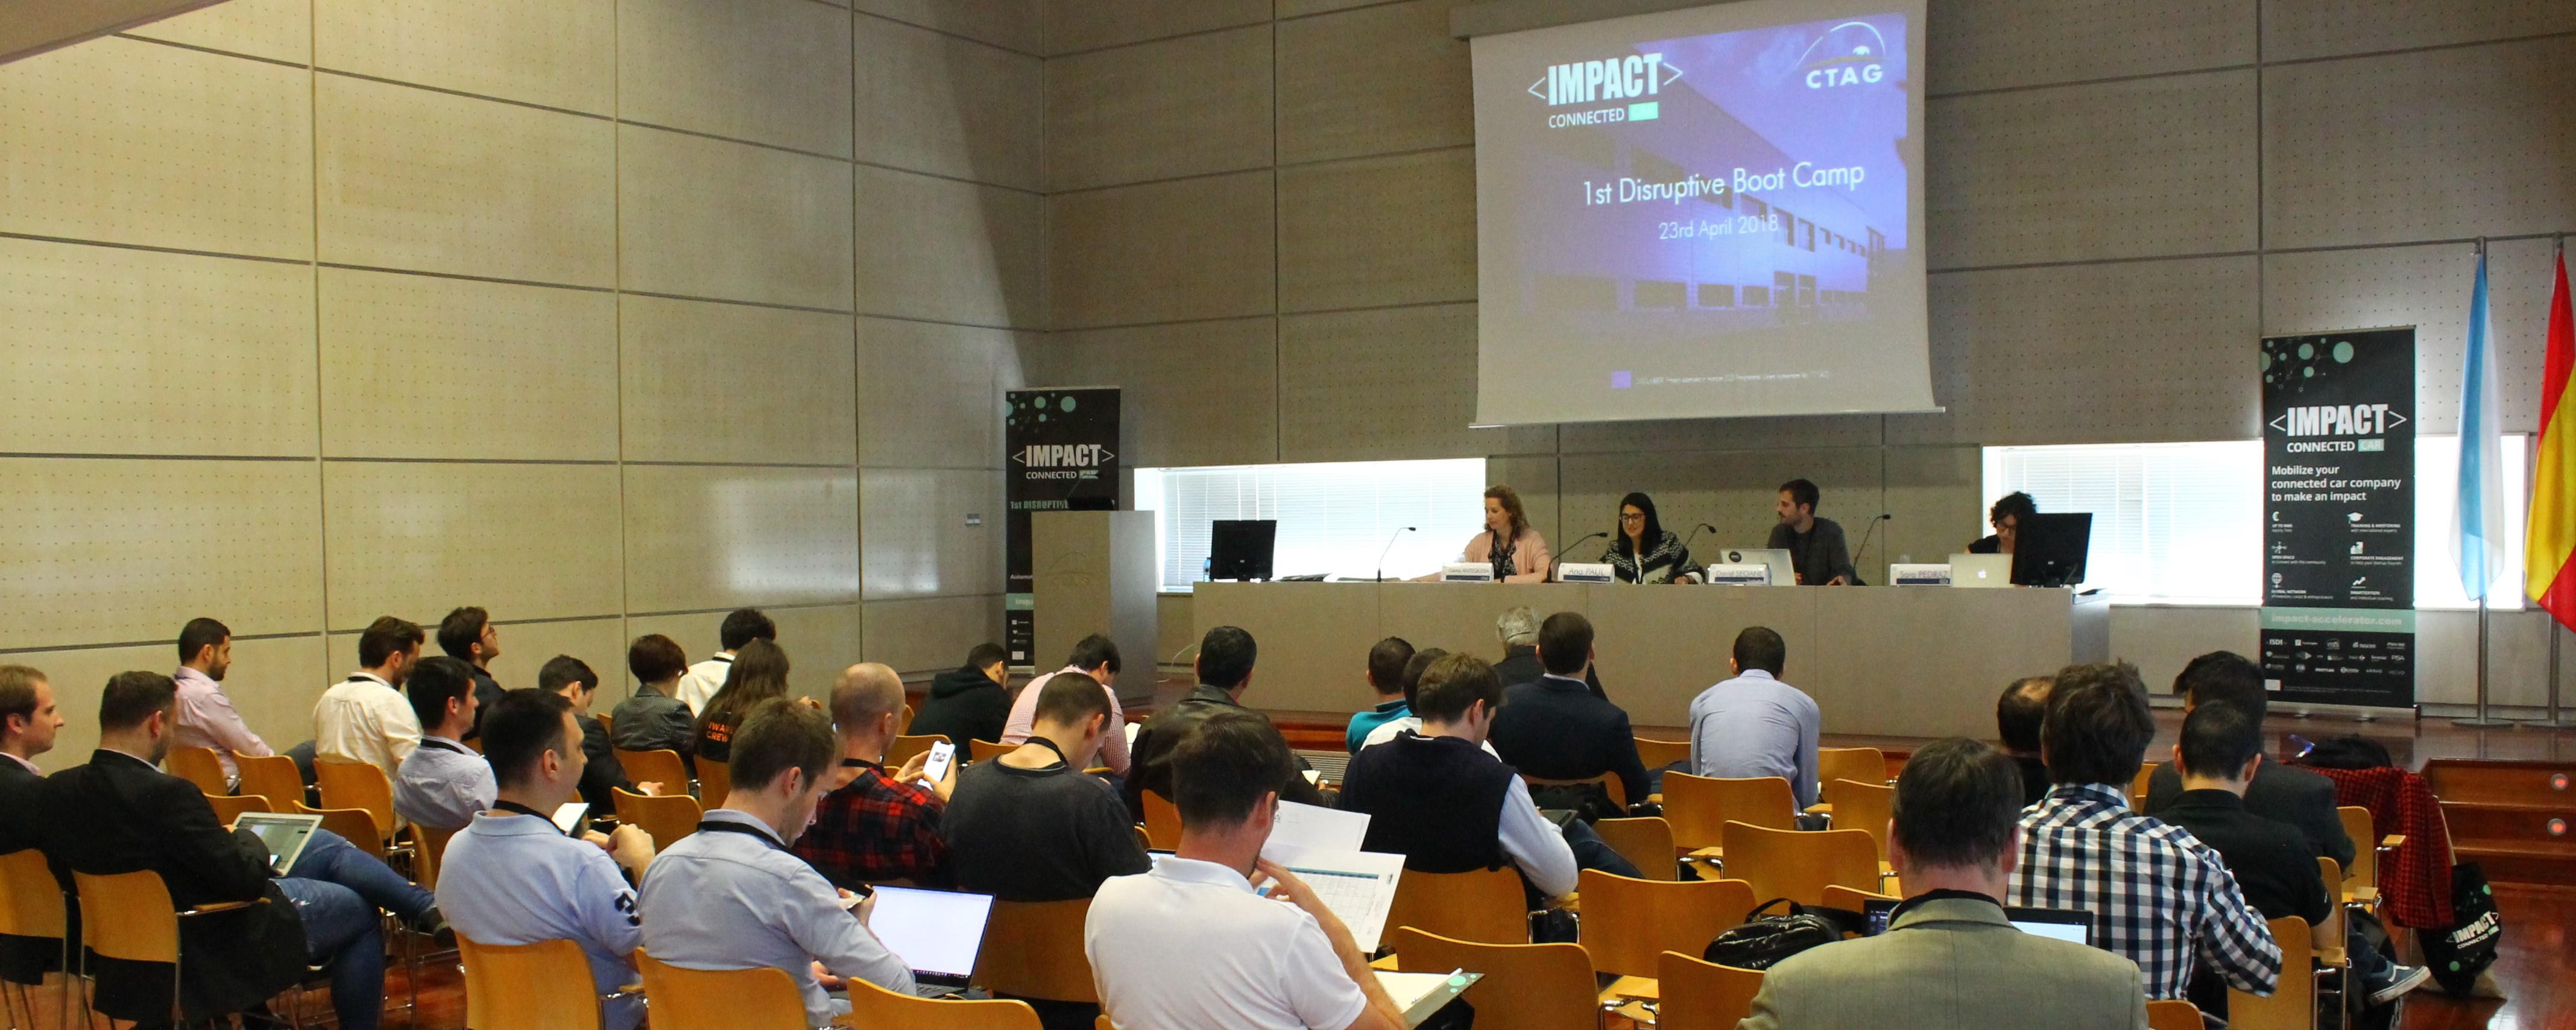 Sesión de apertura del Disruptive Bootcamp